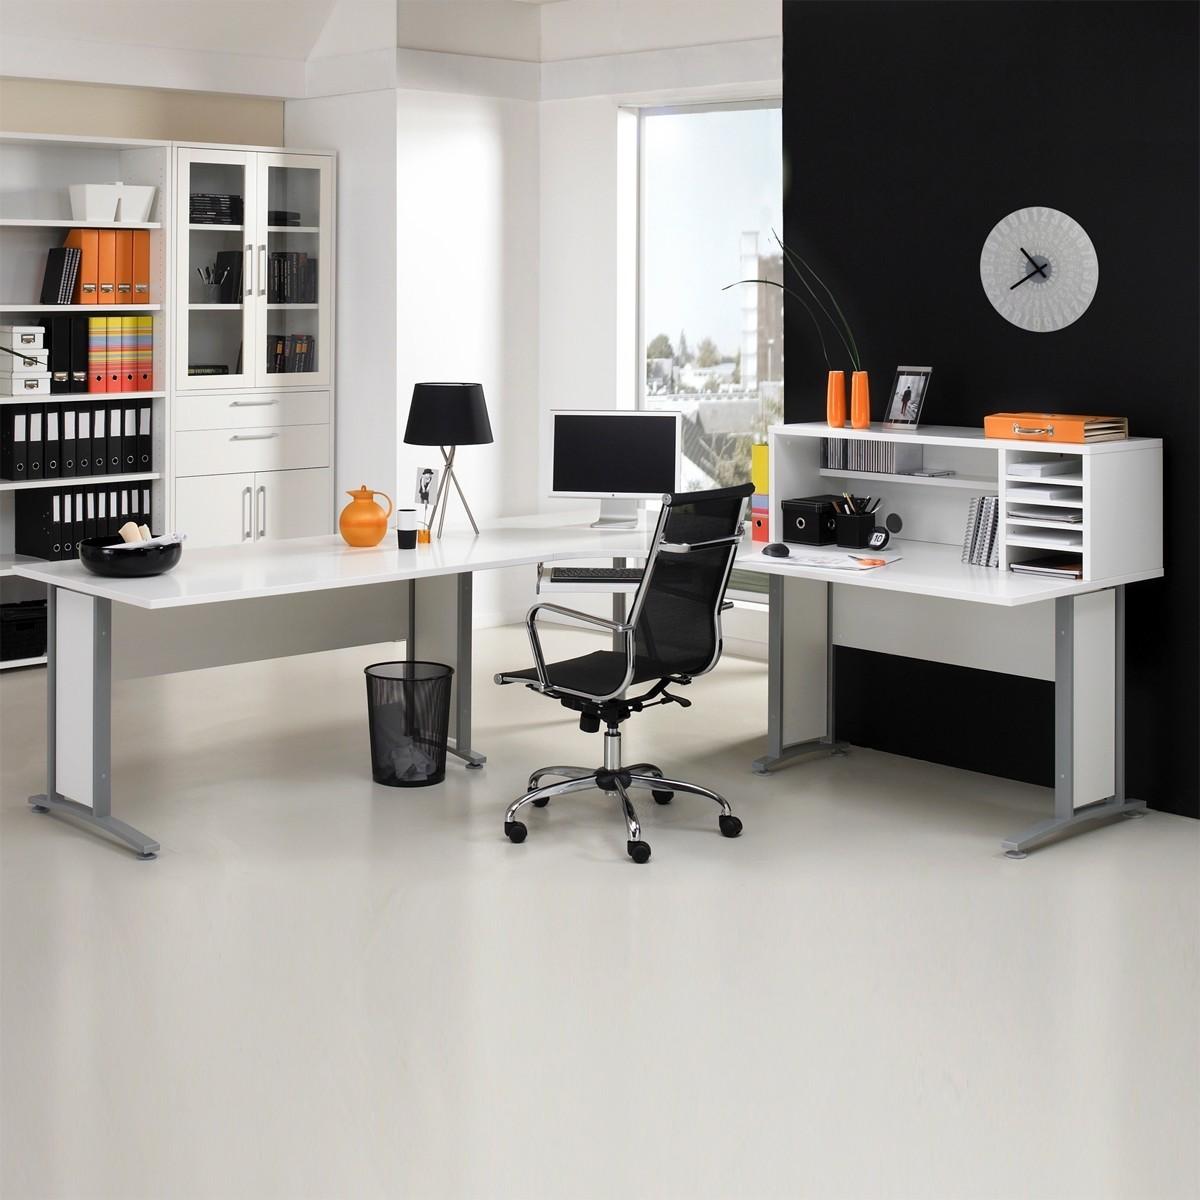 schreibtisch prima mit aufsatz in wei m bel ideal online shop. Black Bedroom Furniture Sets. Home Design Ideas